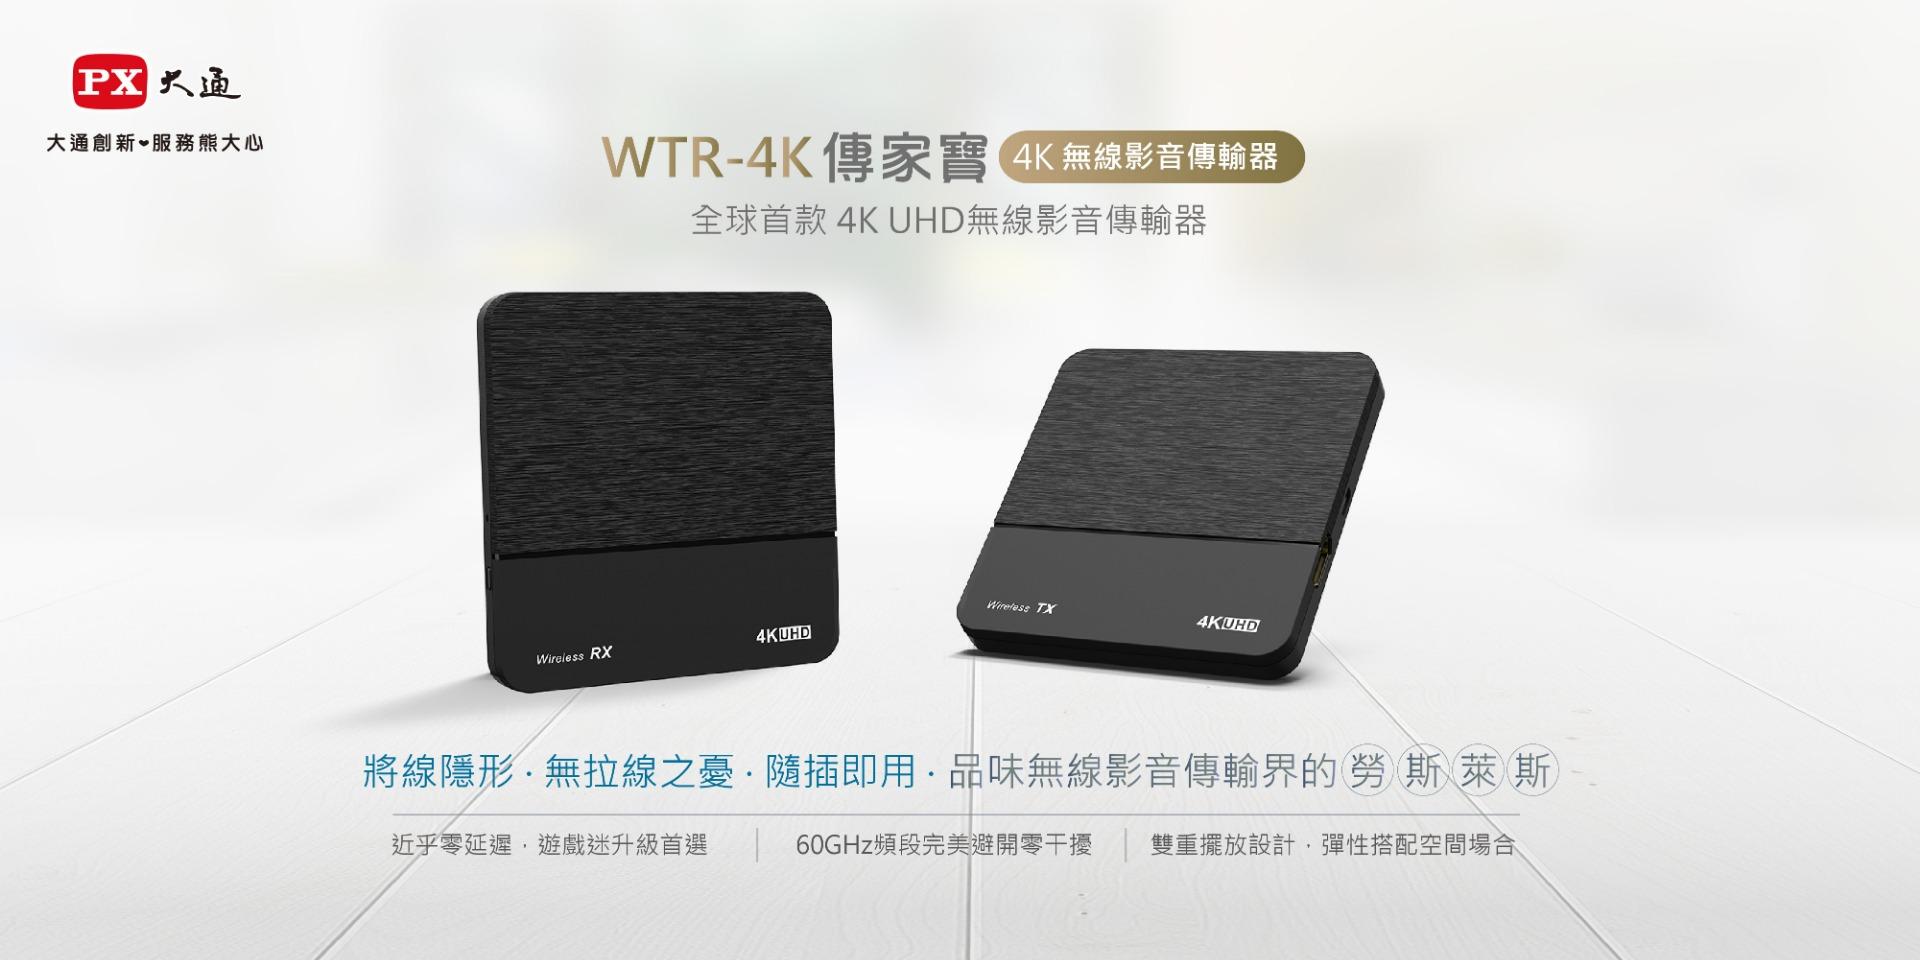 proimages/product/Wireless/WTR-4K/WTR-4K_01_resized.jpg